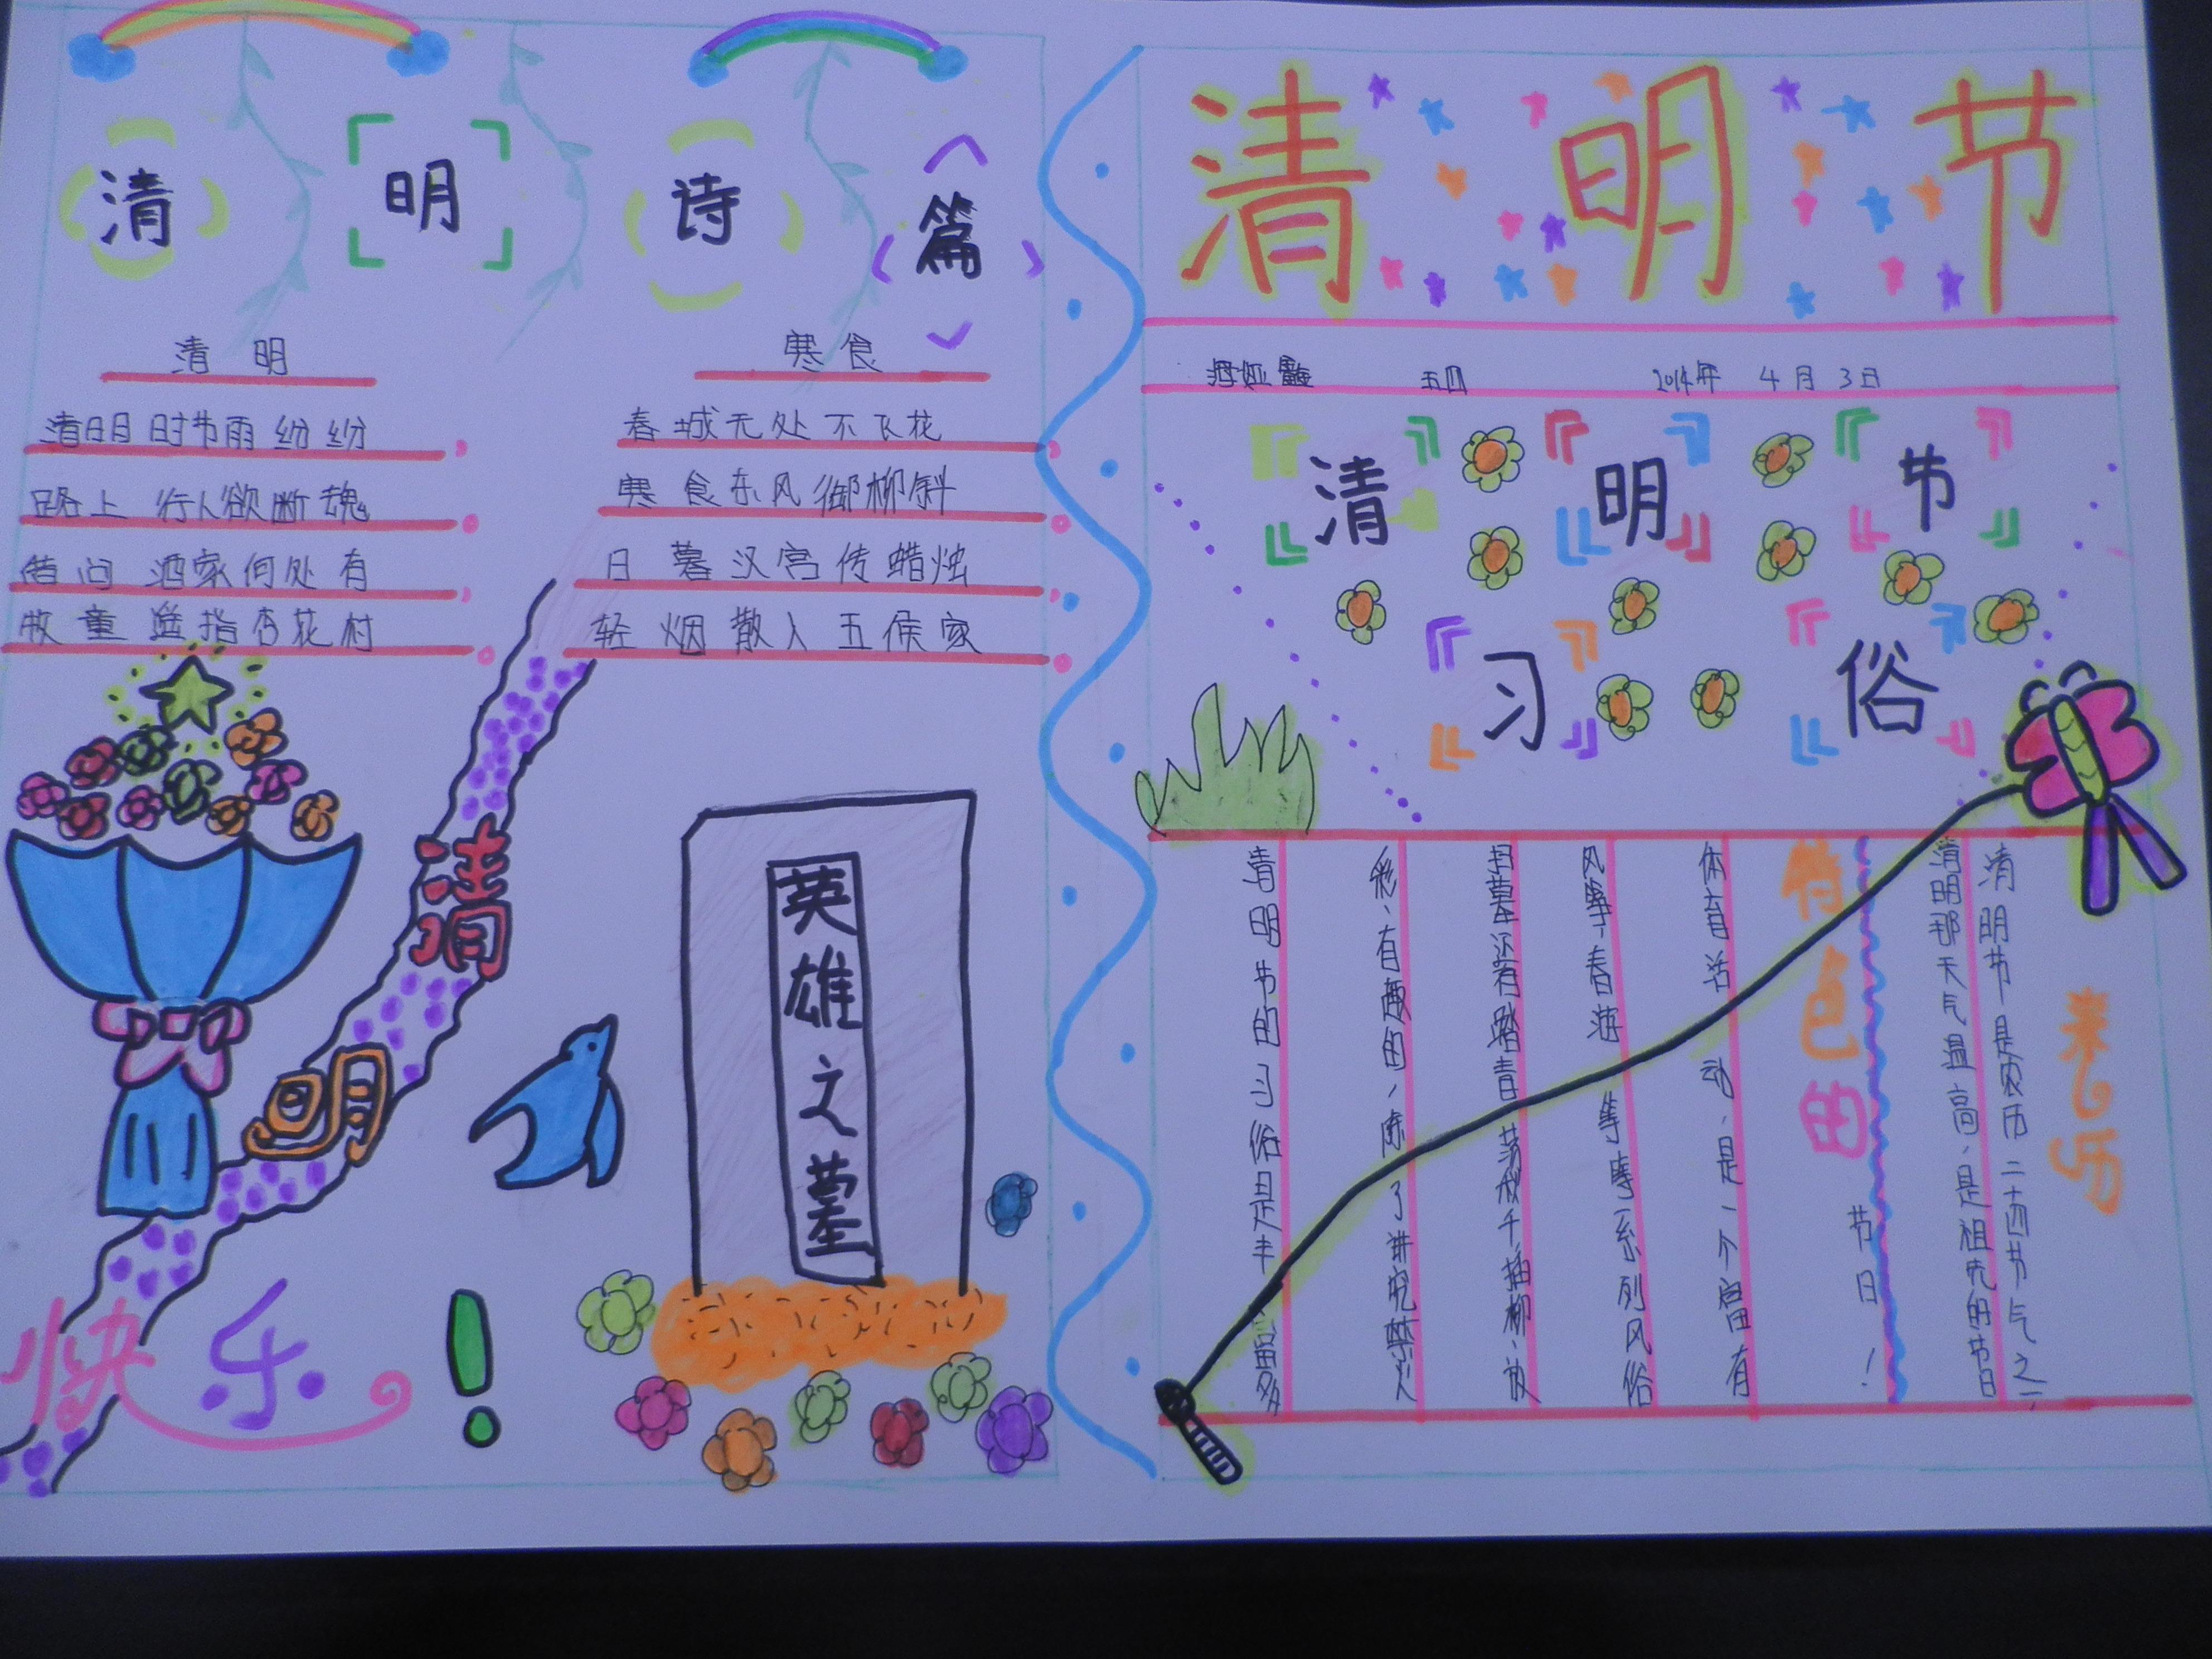 聚源路西校区 五四班 清明节手抄报 - 美丽中国,社会